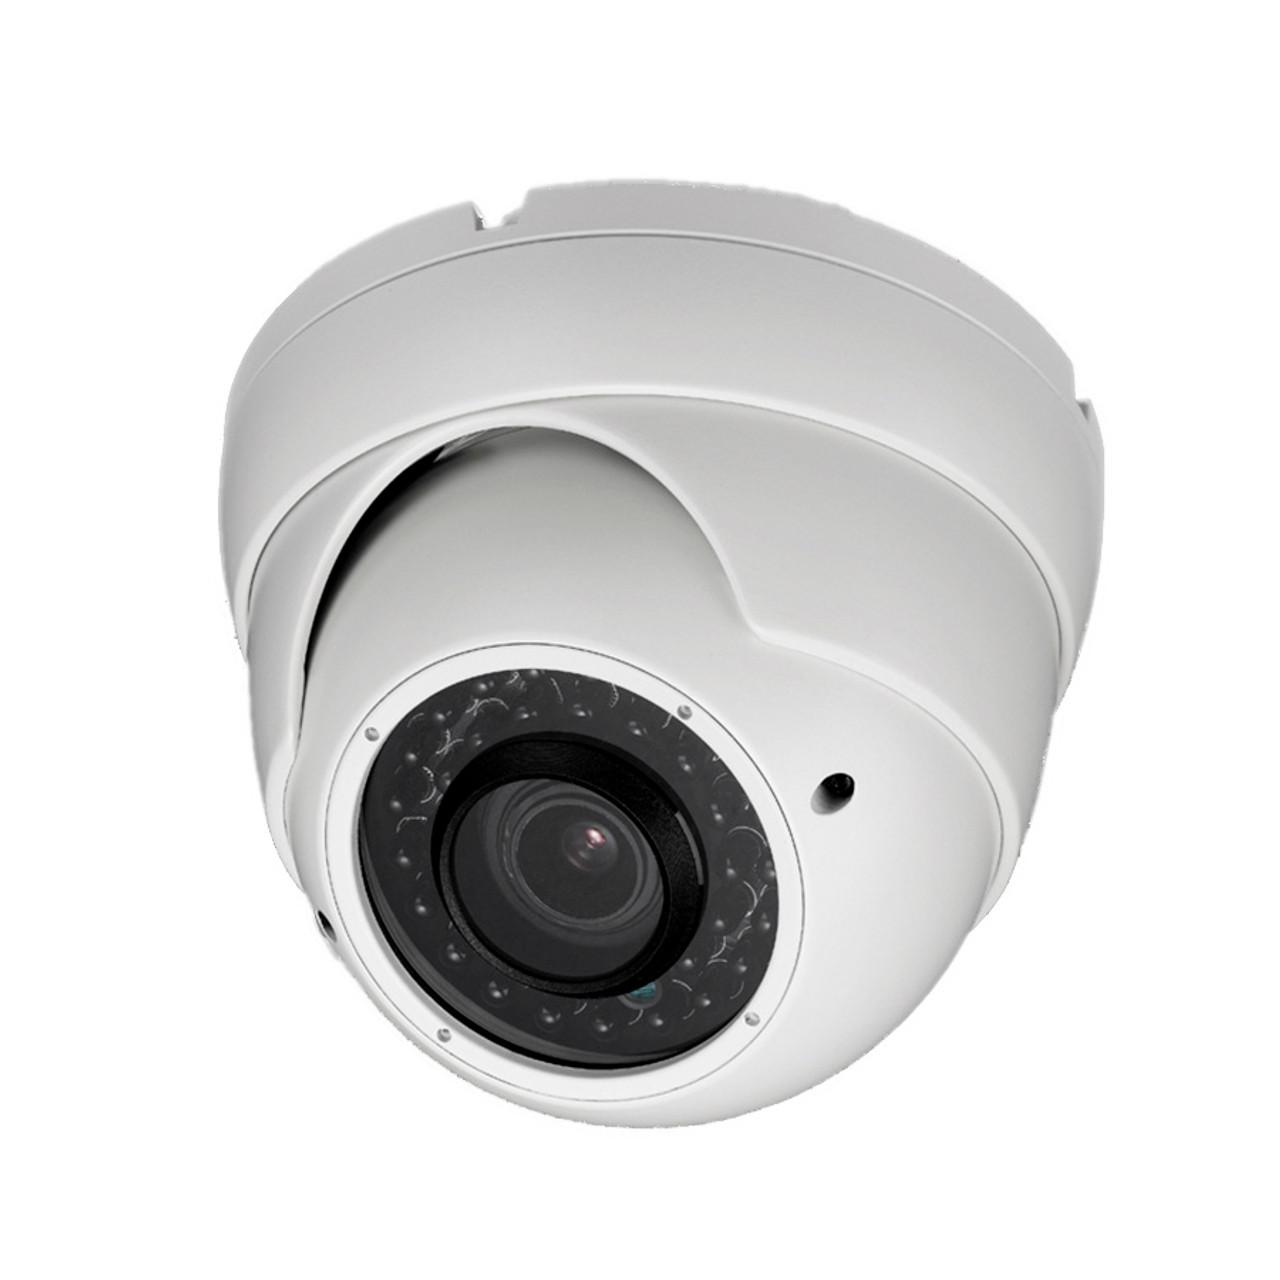 HD CCTV 2 MP Dome Security Camera HD CVI AHD TVI Analog CVBS Outside White Led